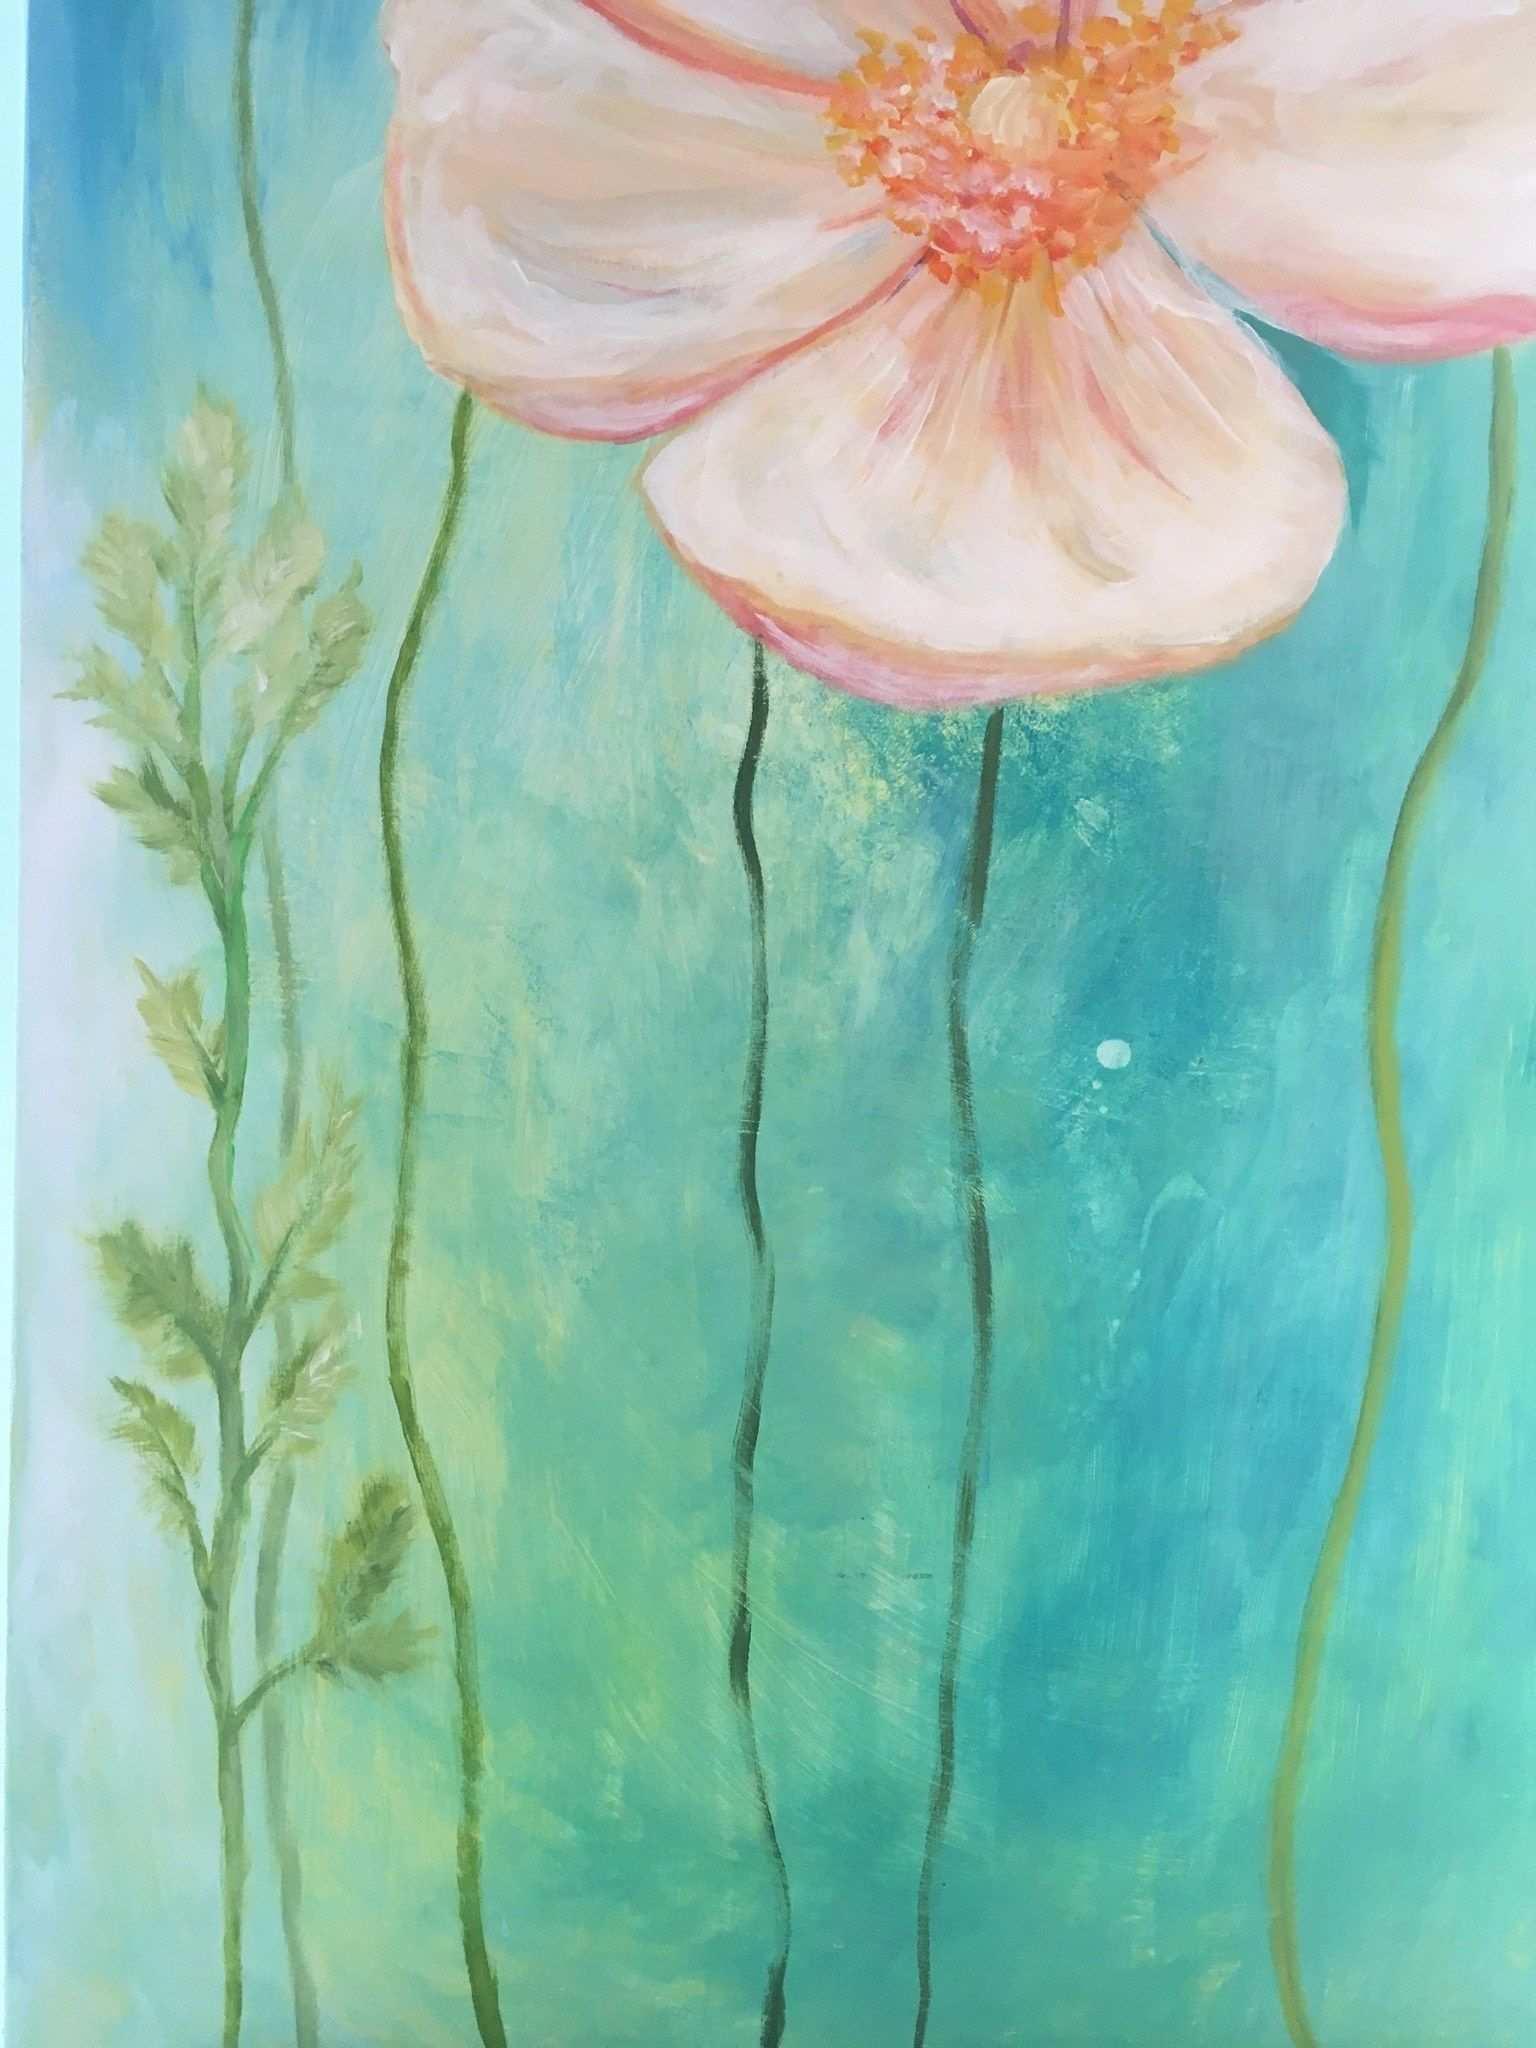 Blumen Malen Mit Acrylfarben In 8 Einfachen Schritten Creative Club Blumen Malen Malen Mit Acrylfarben Acryl Malen